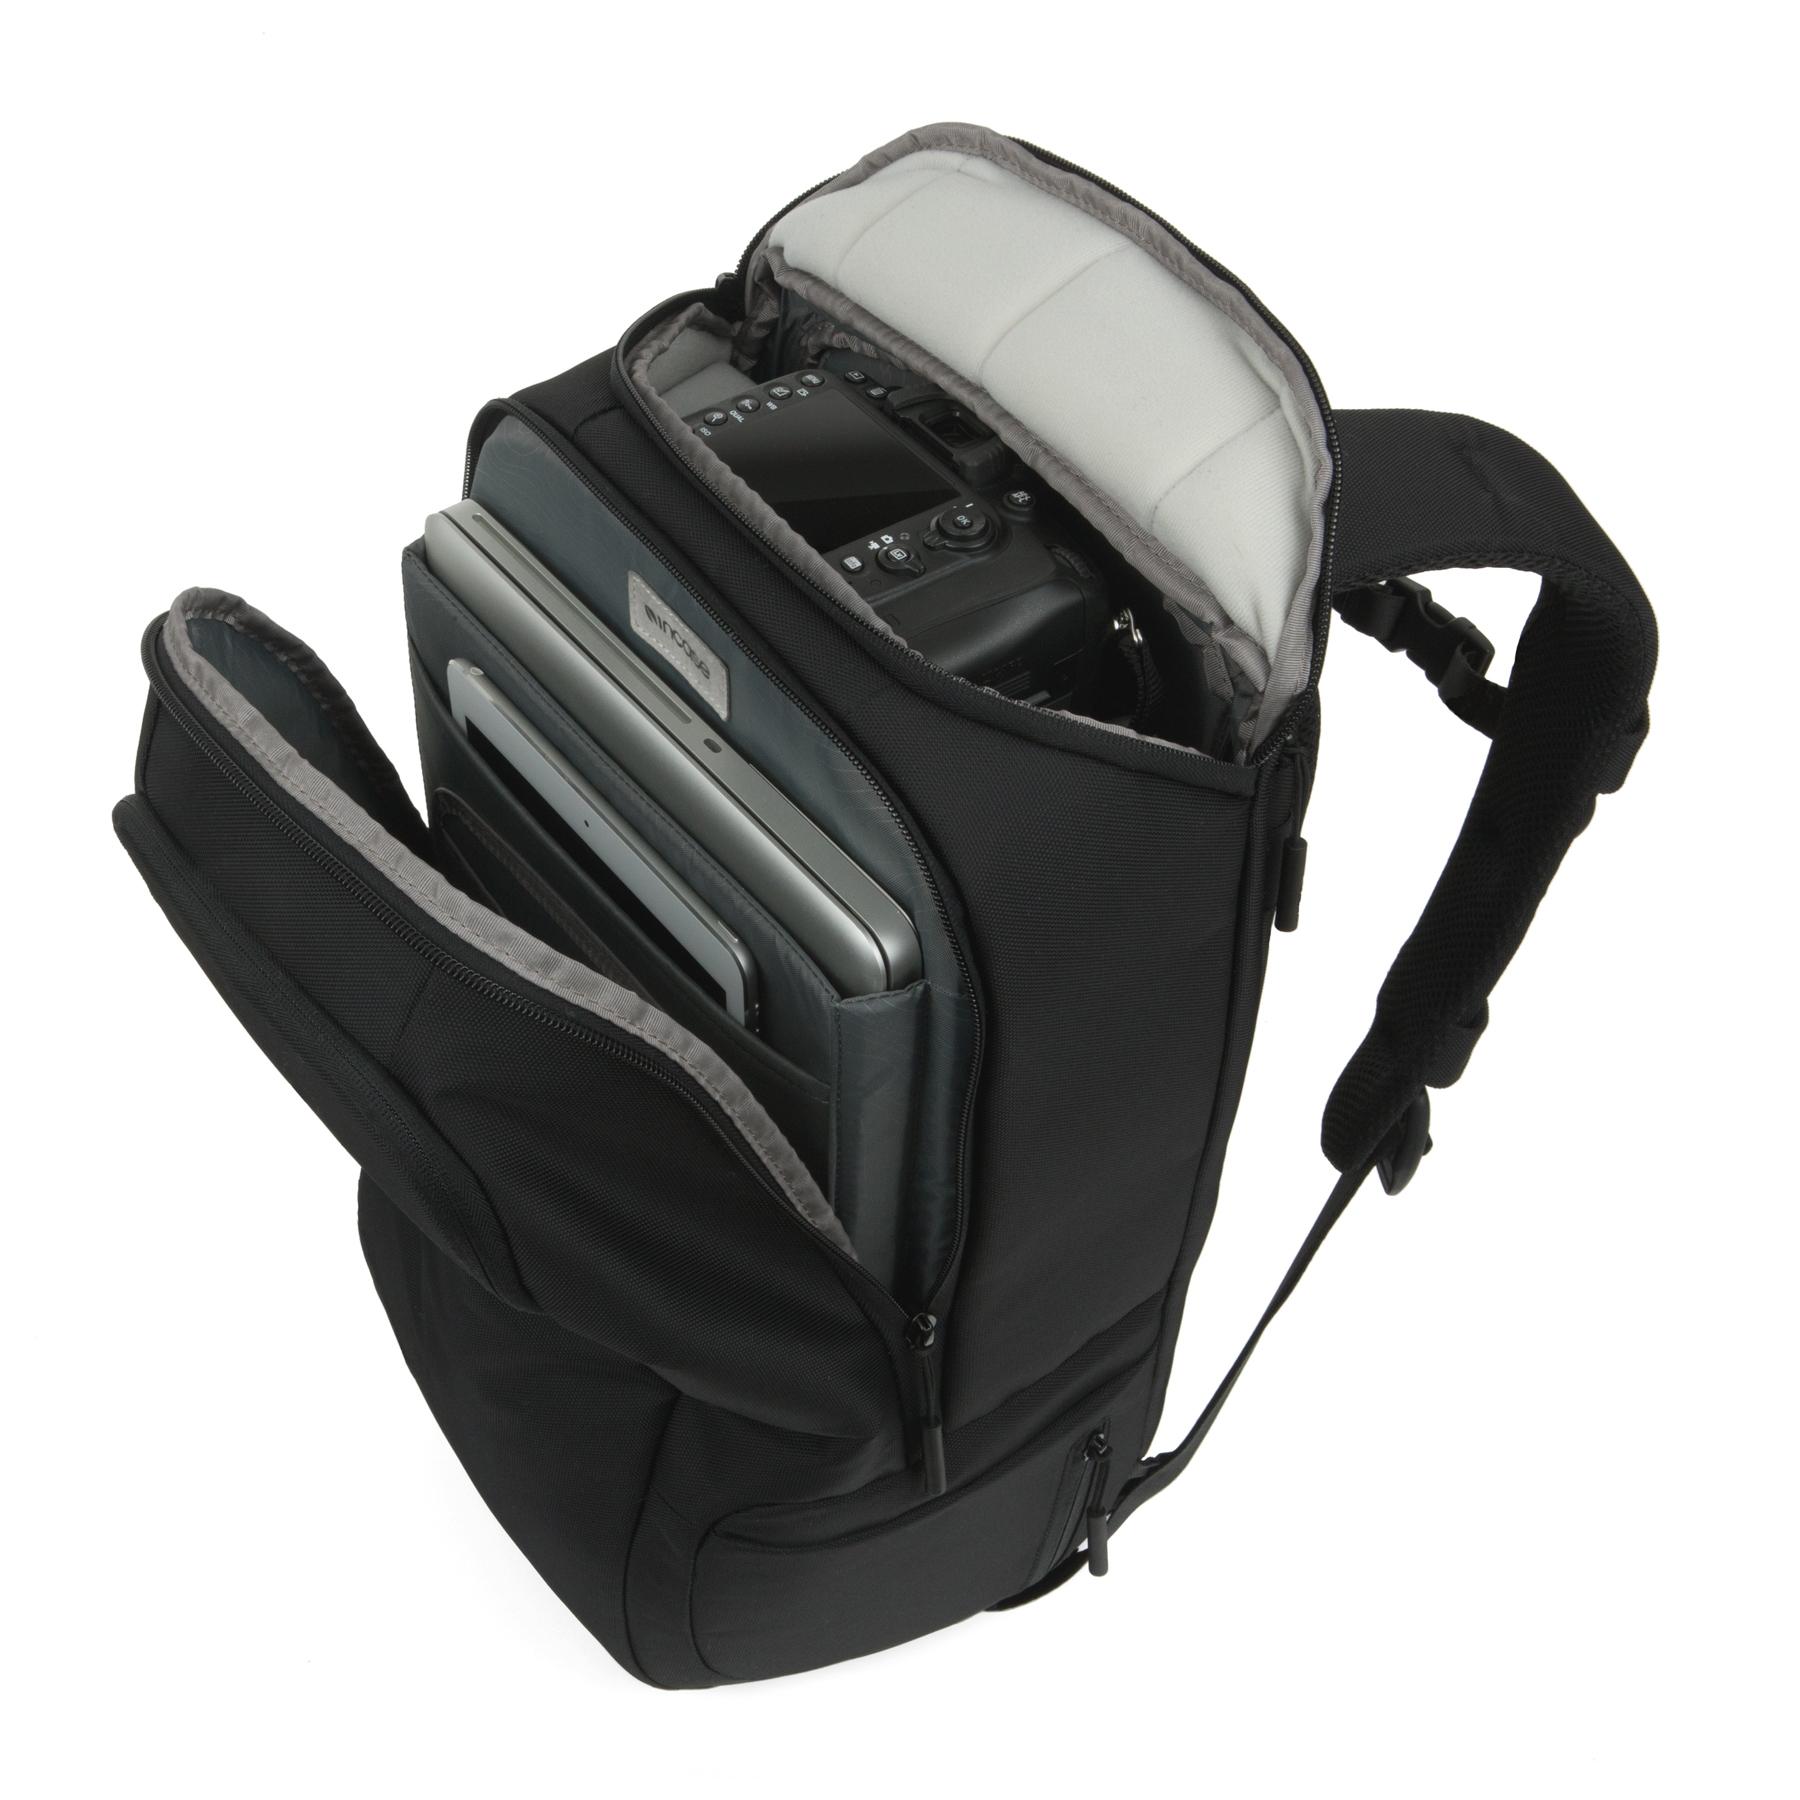 Incase Camera Bag